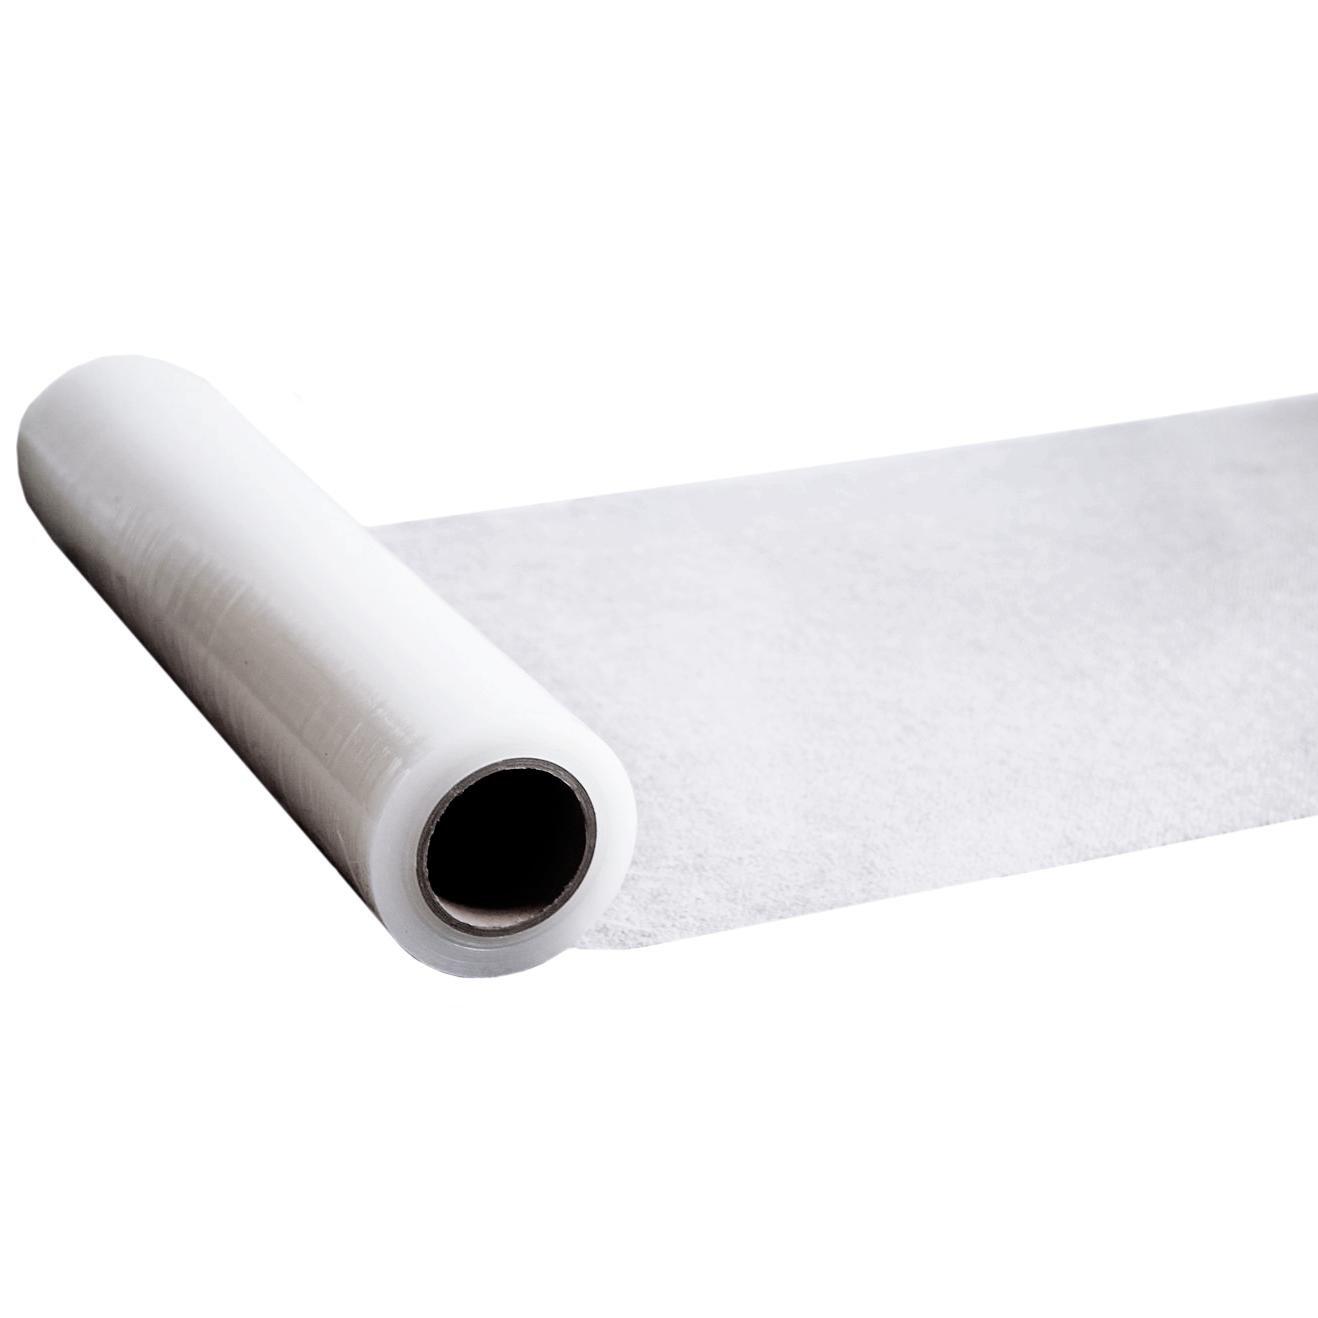 platinum carpet protector film self adhesive 600mm x 25m amazoncouk diy u0026 tools